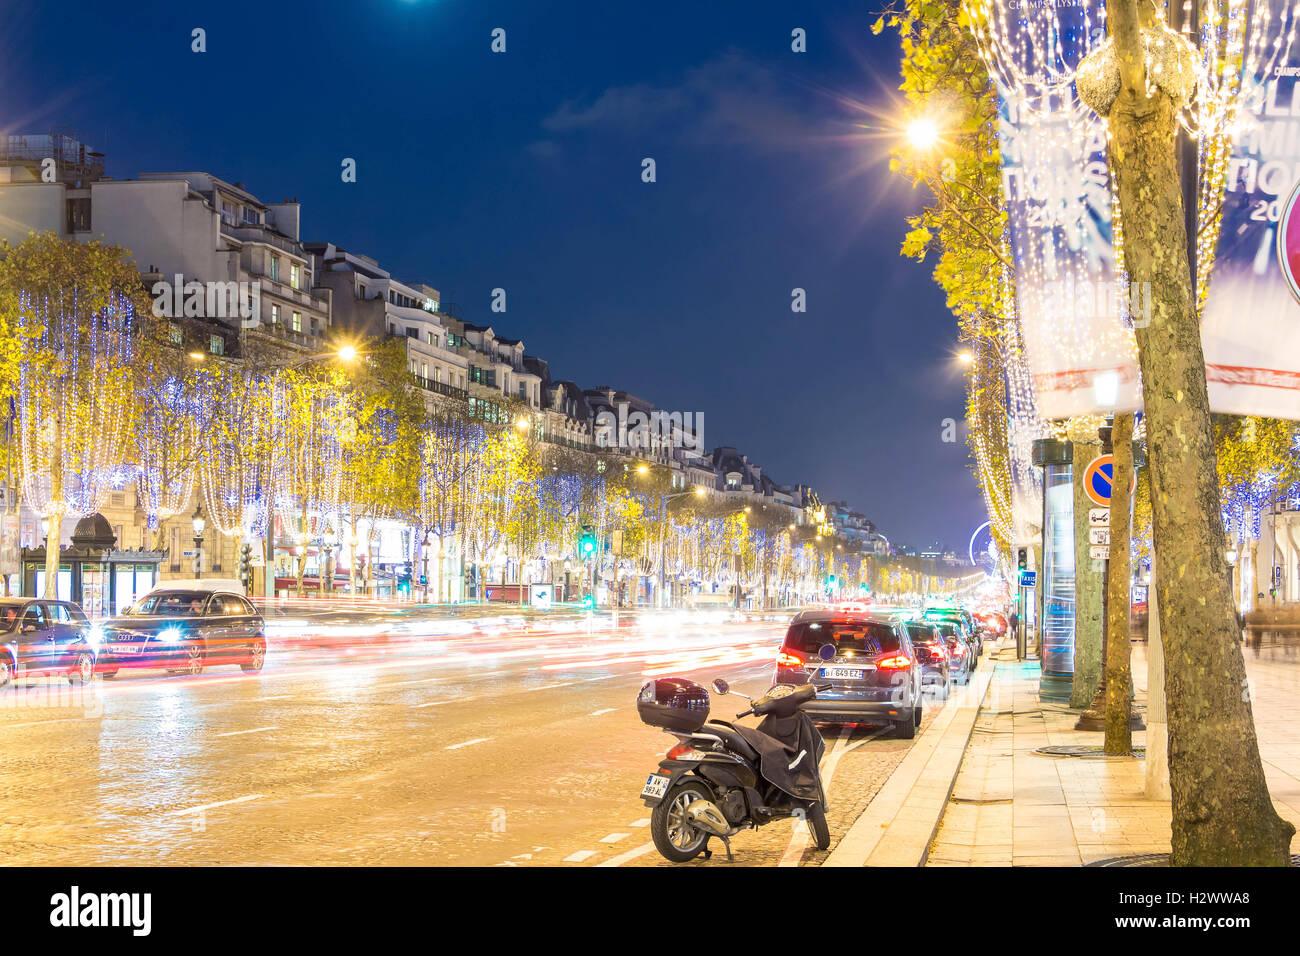 Parigi; France-November 23, 2015 : la decorazione di Natale su Avenue Champs Elysees, offuscata auto moto a Parigi, Immagini Stock